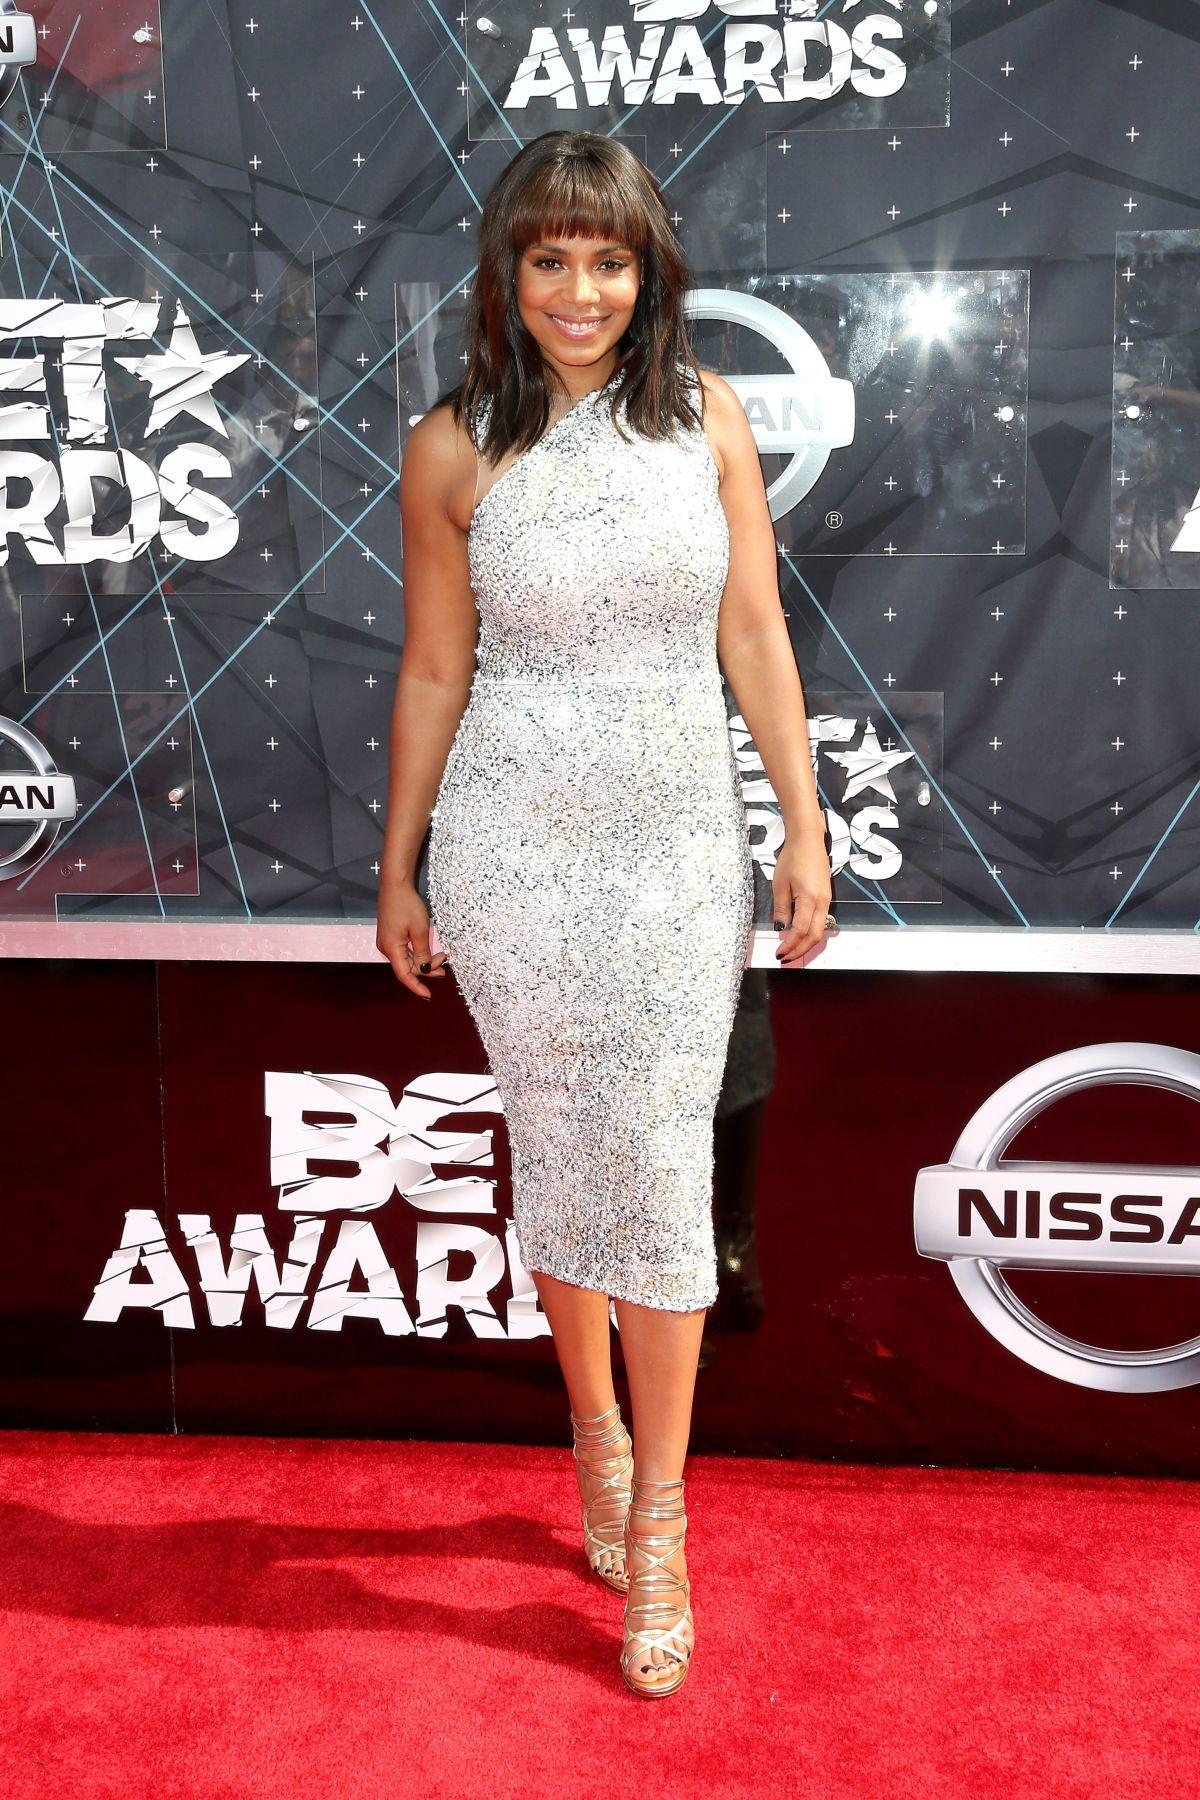 SANAA LATHAN at 2015 BET Awards in Los Angeles